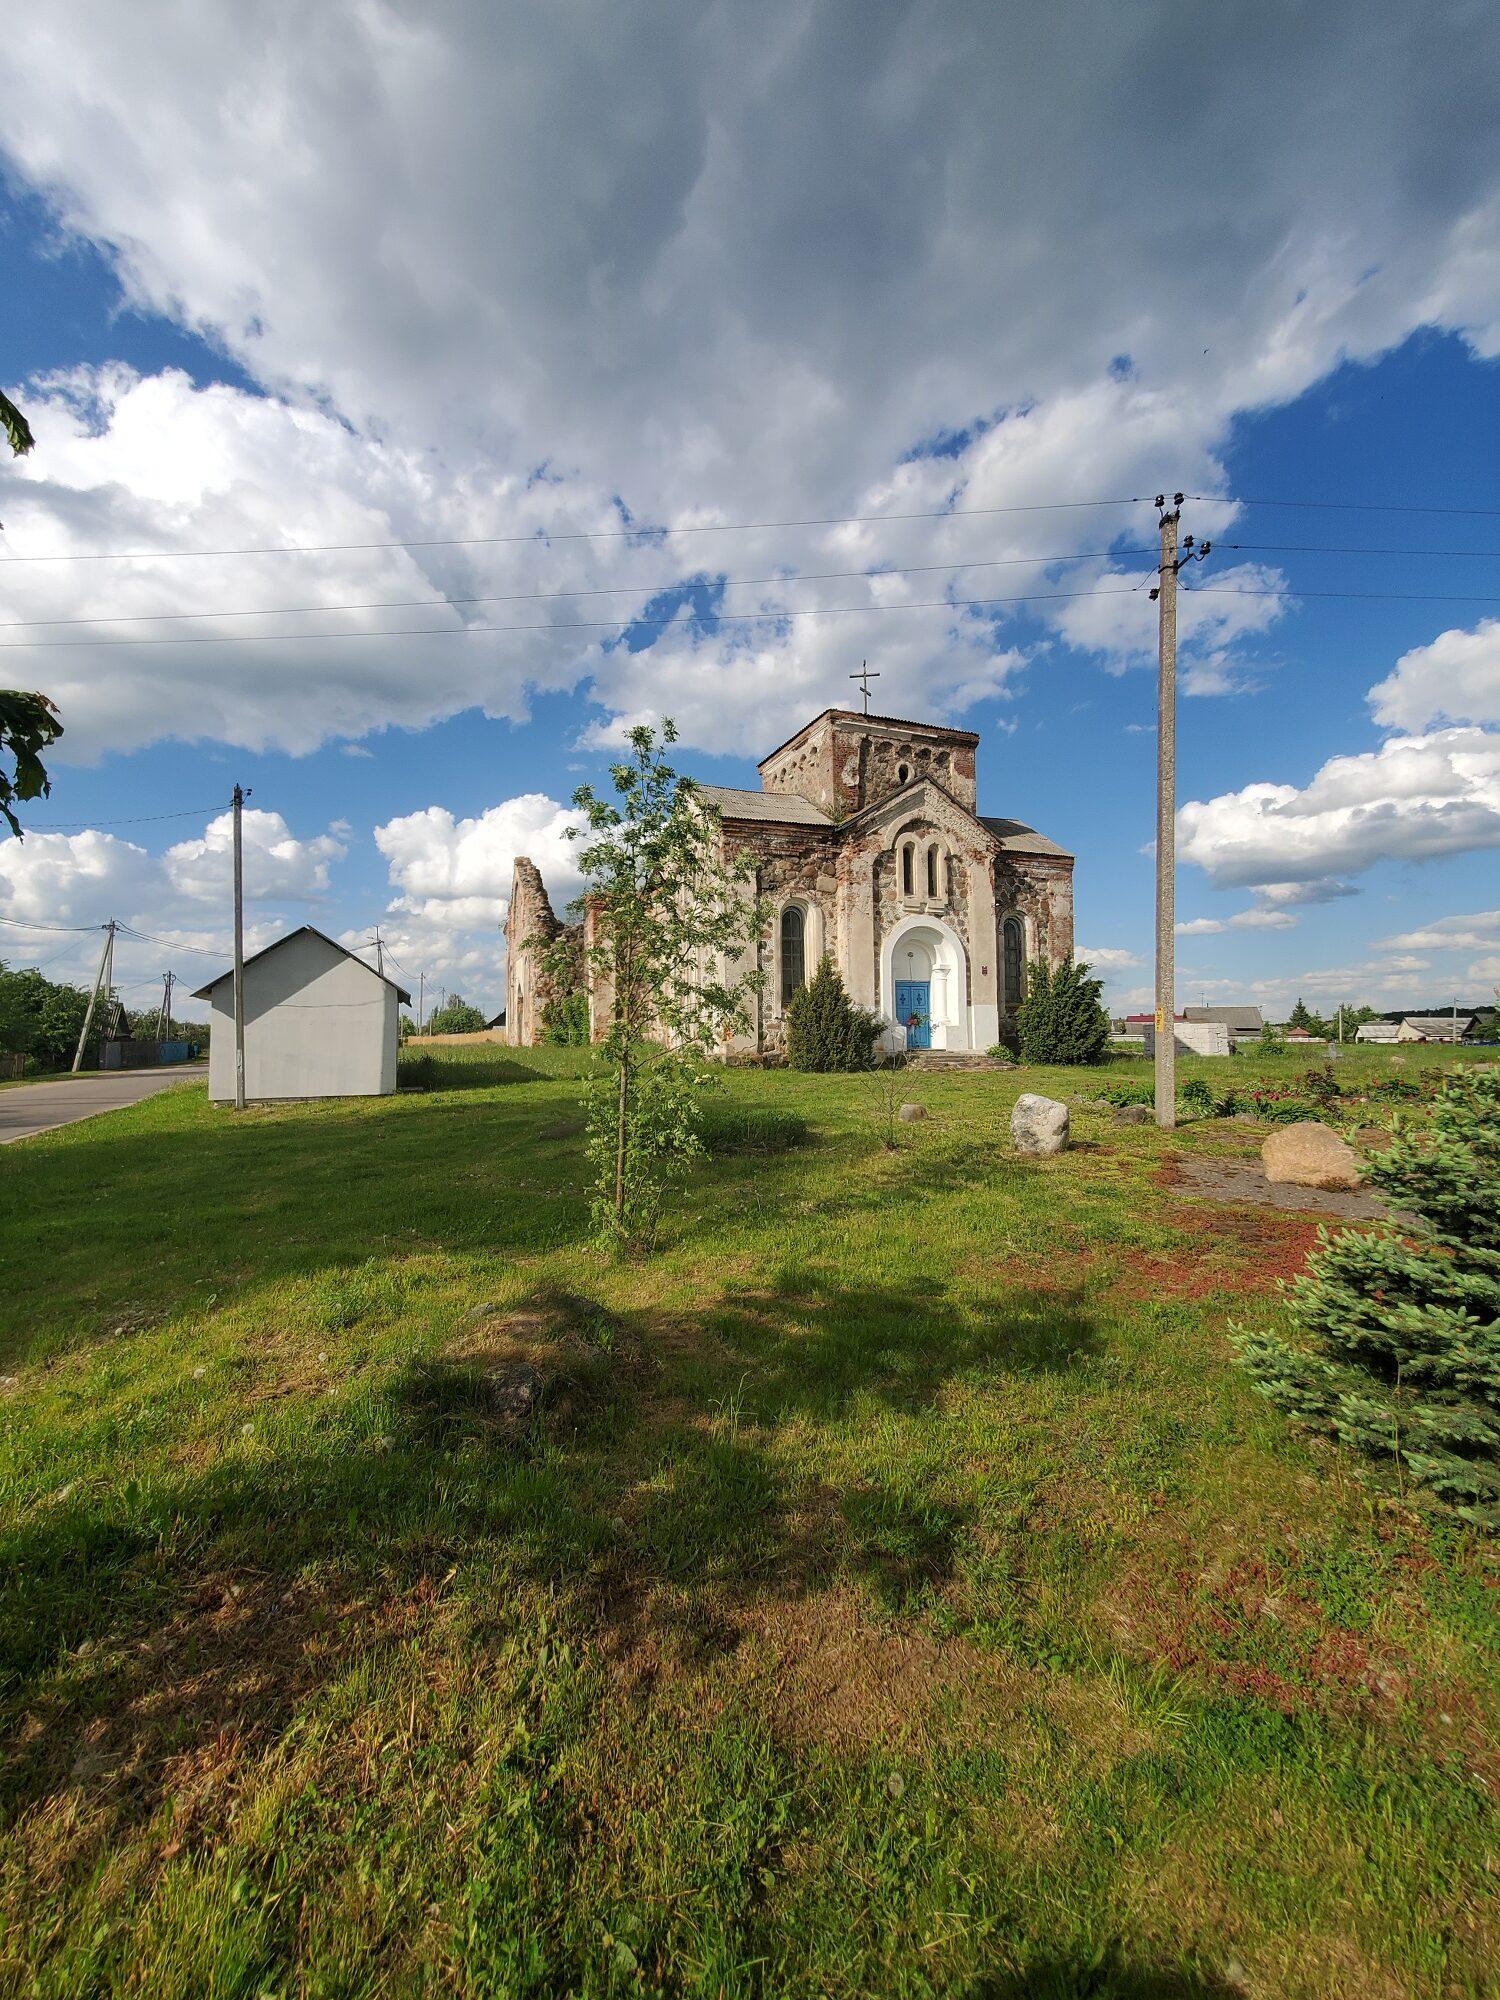 20200606 174146 1 rotated - Церковь Всех Святых в Бегомле